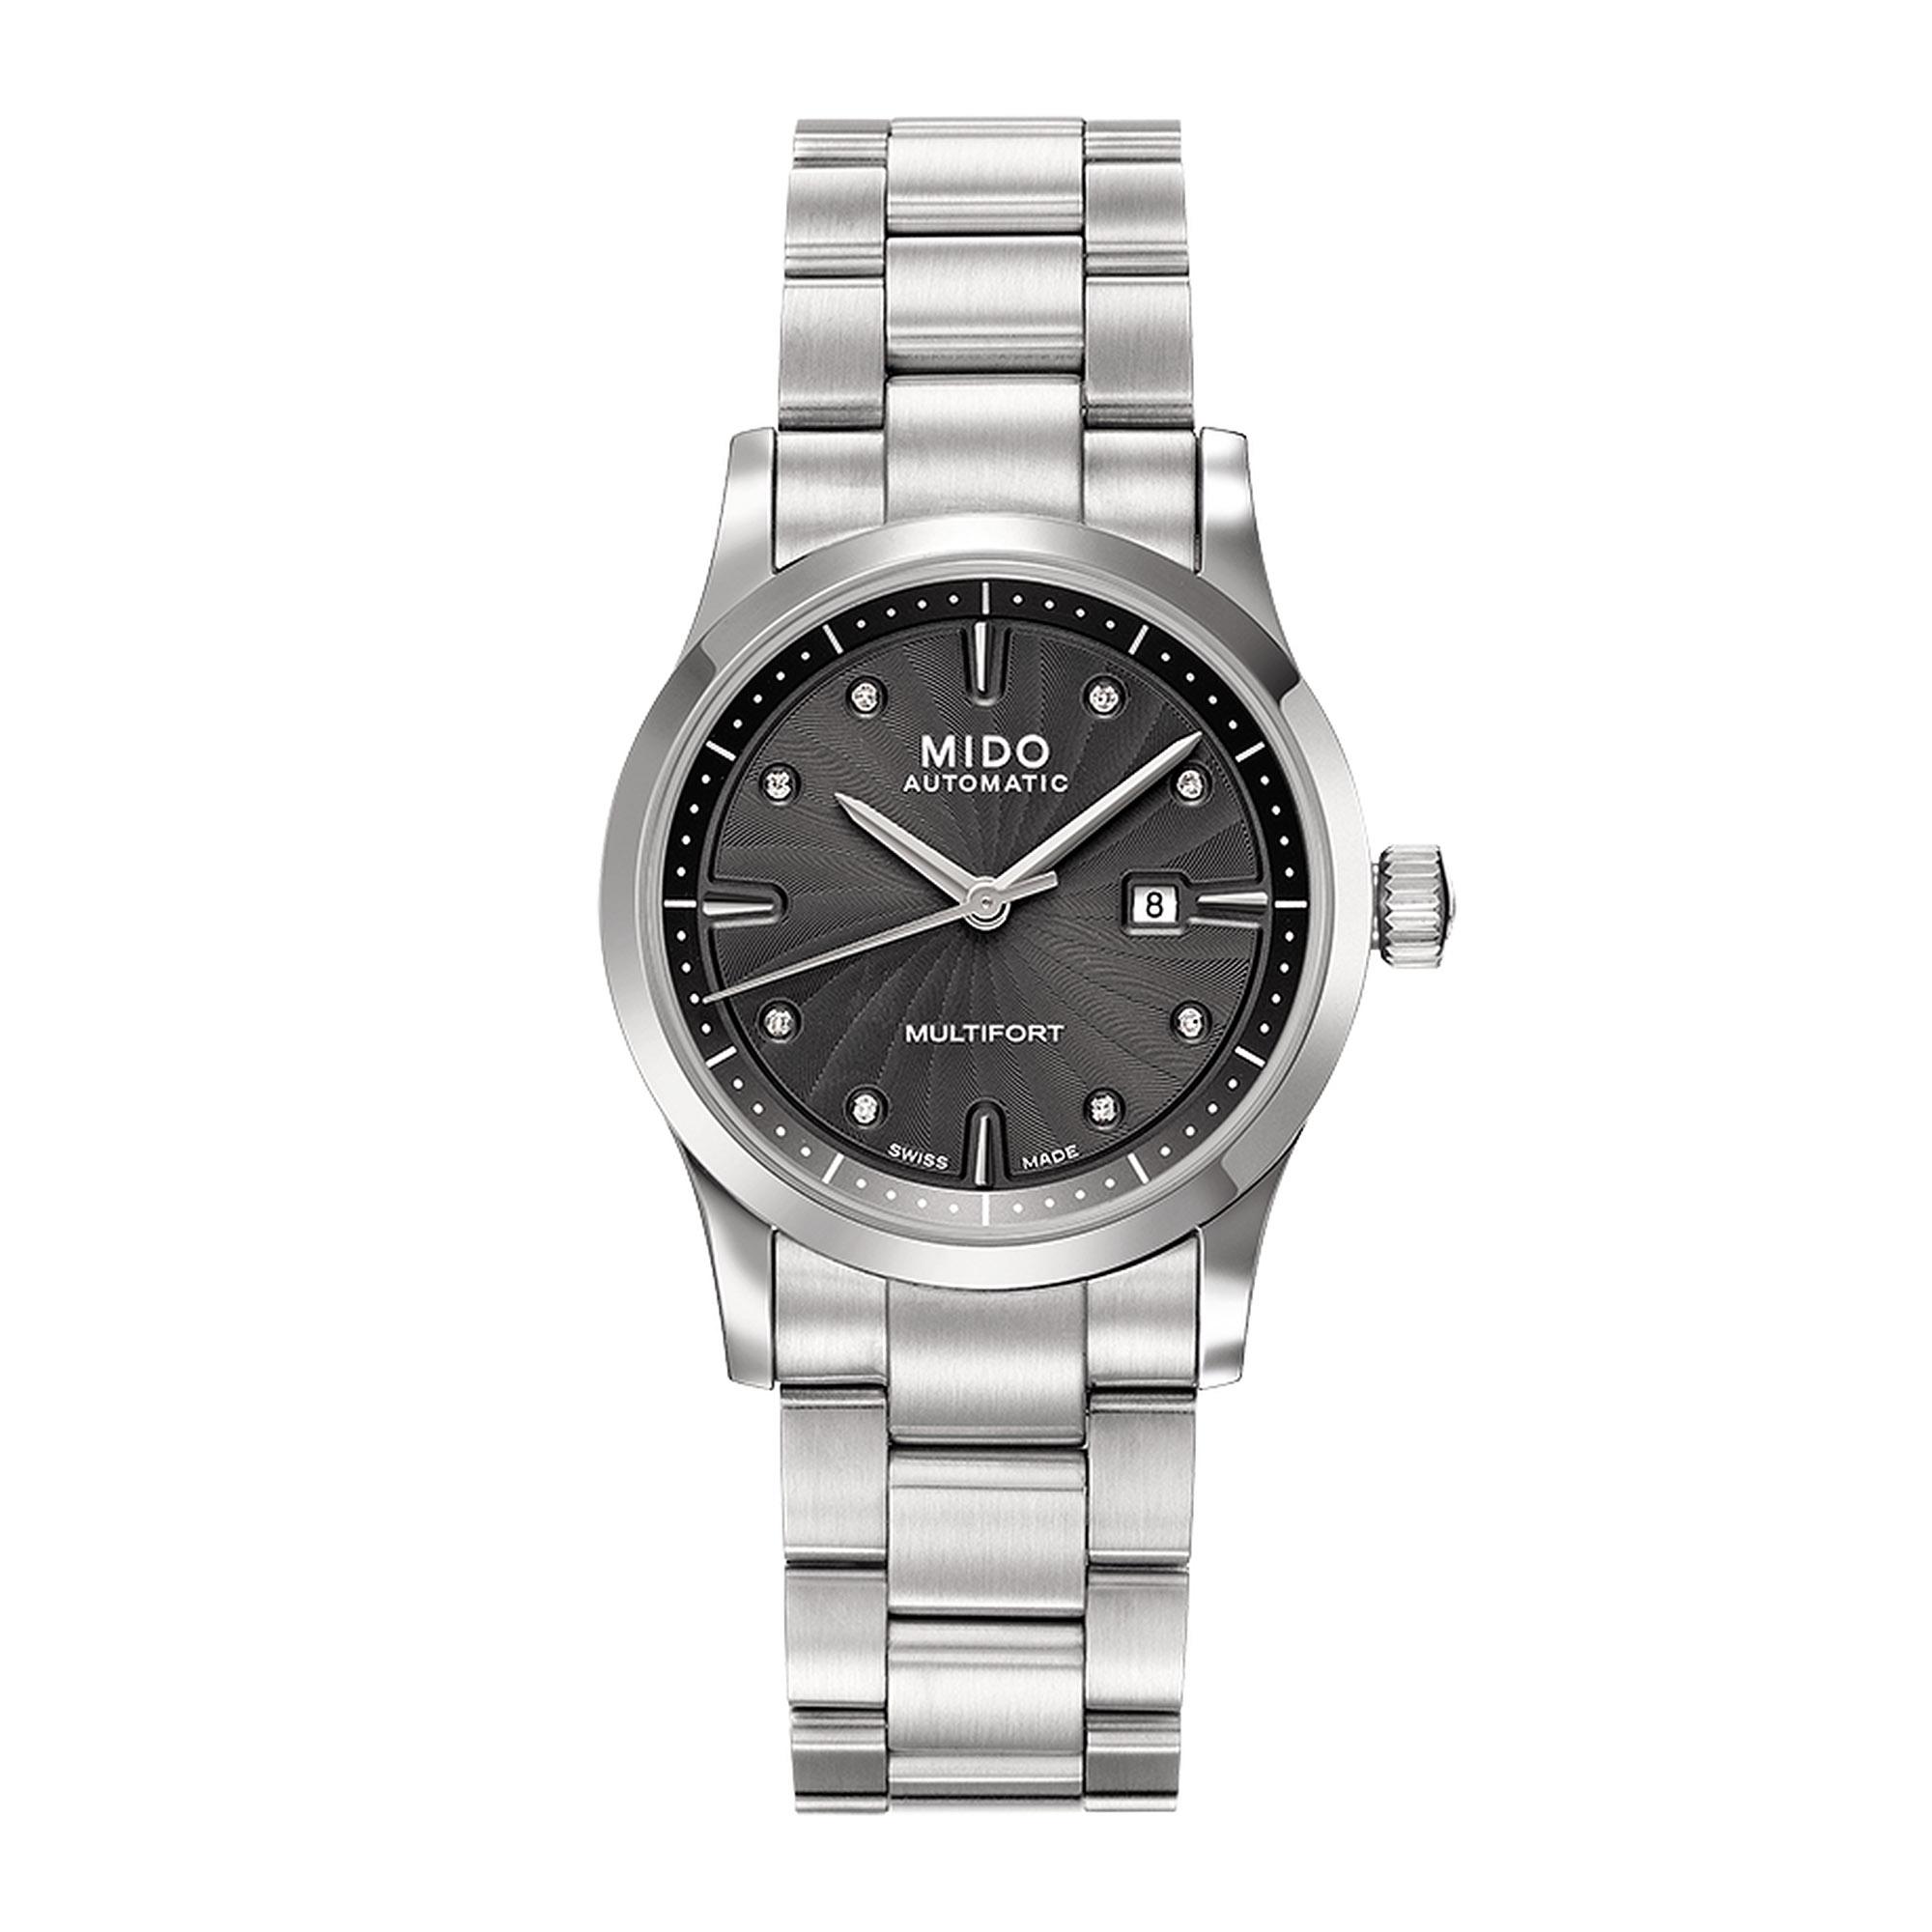 Mido Uhr Diamant Multifort M0050071106600 Juwelier Kraemer